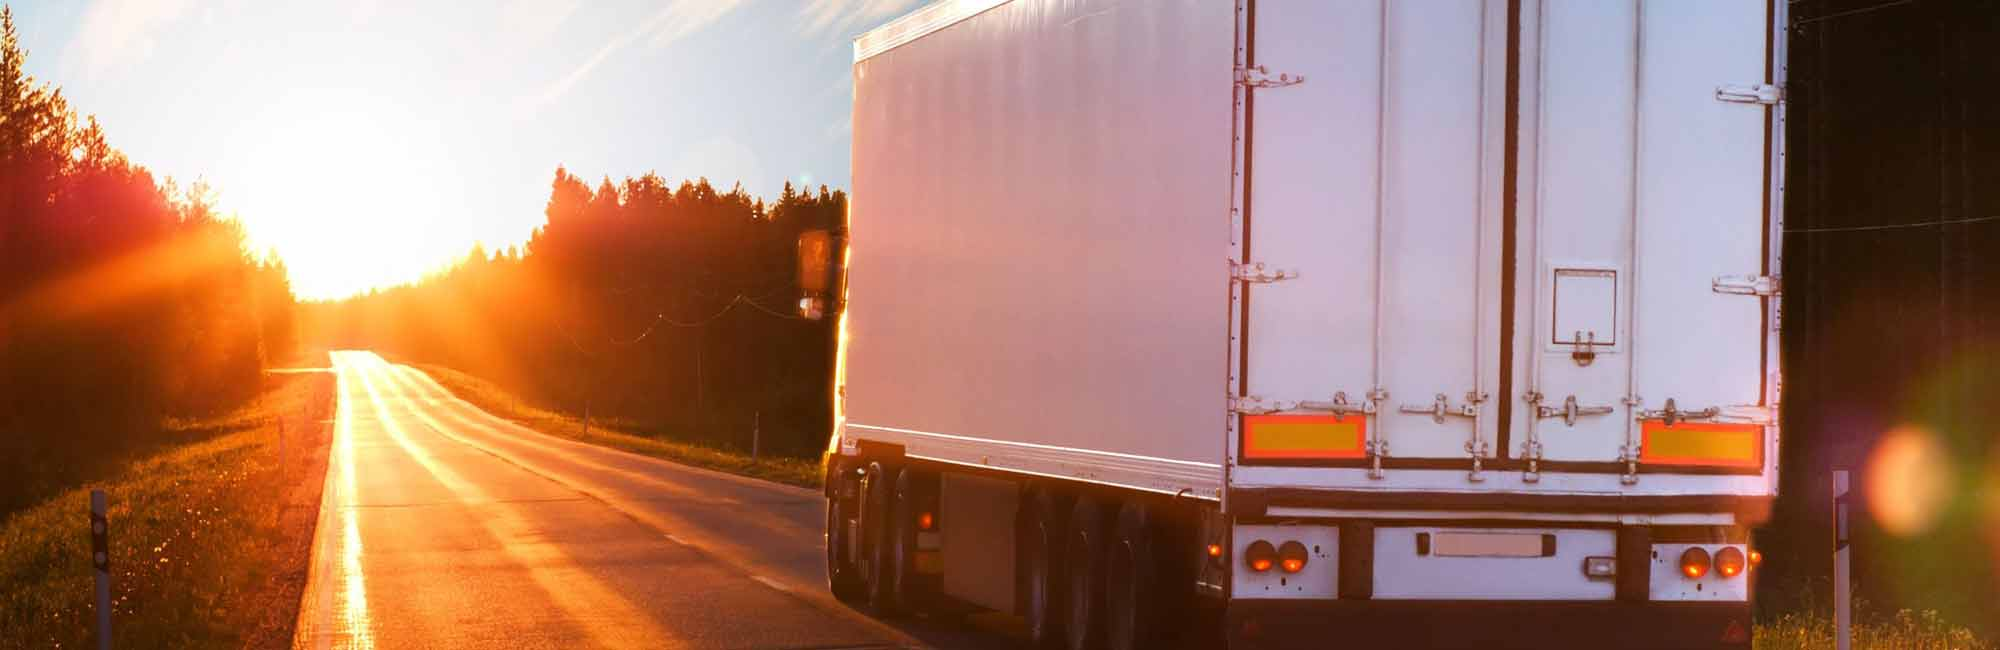 Comfortabel rijden - Truckinterieur De Regt |  Vrachtwagenbekleding voor Scania, Volvo en DAF | Stadskanaal